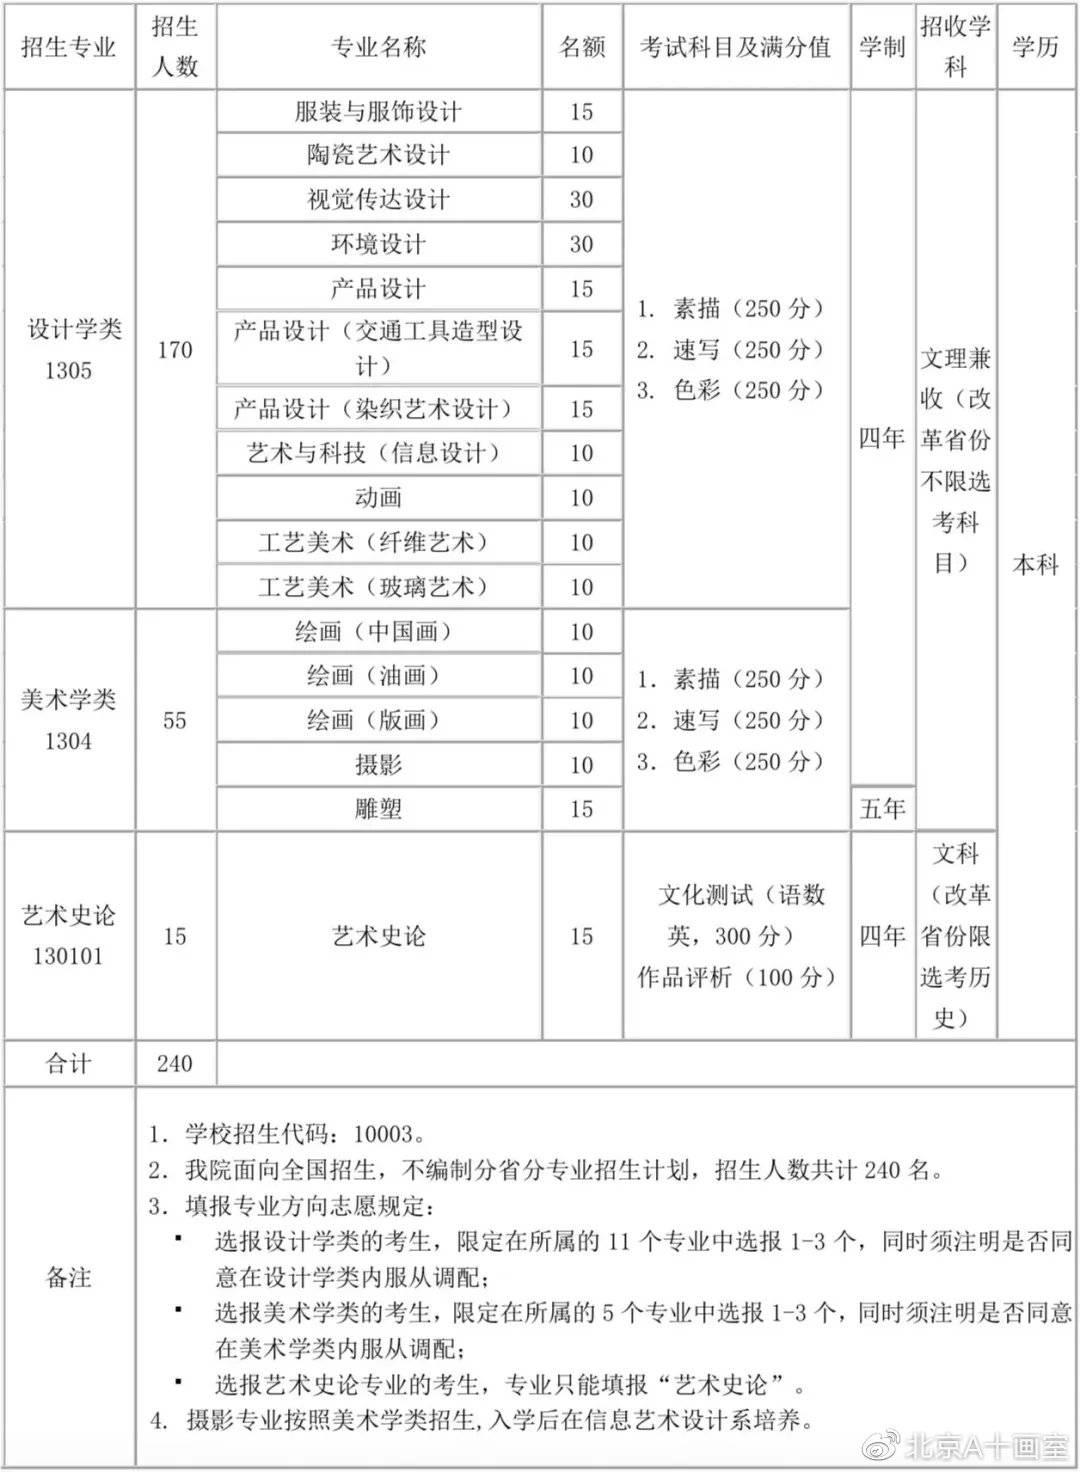 清华大学2020年艺术类专业招生计划